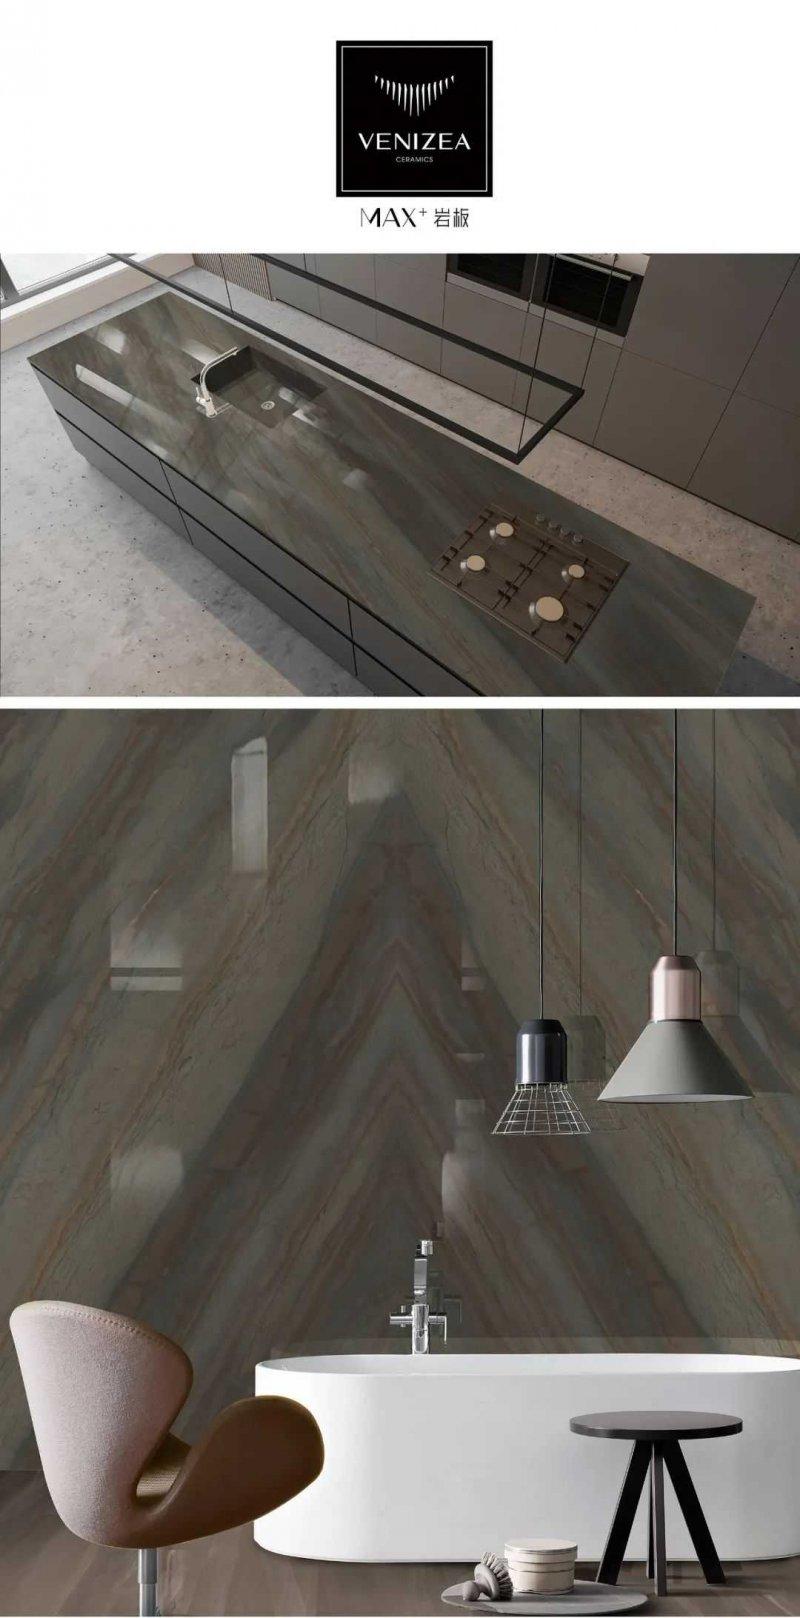 威尔斯陶瓷MAX+岩板效果图_15